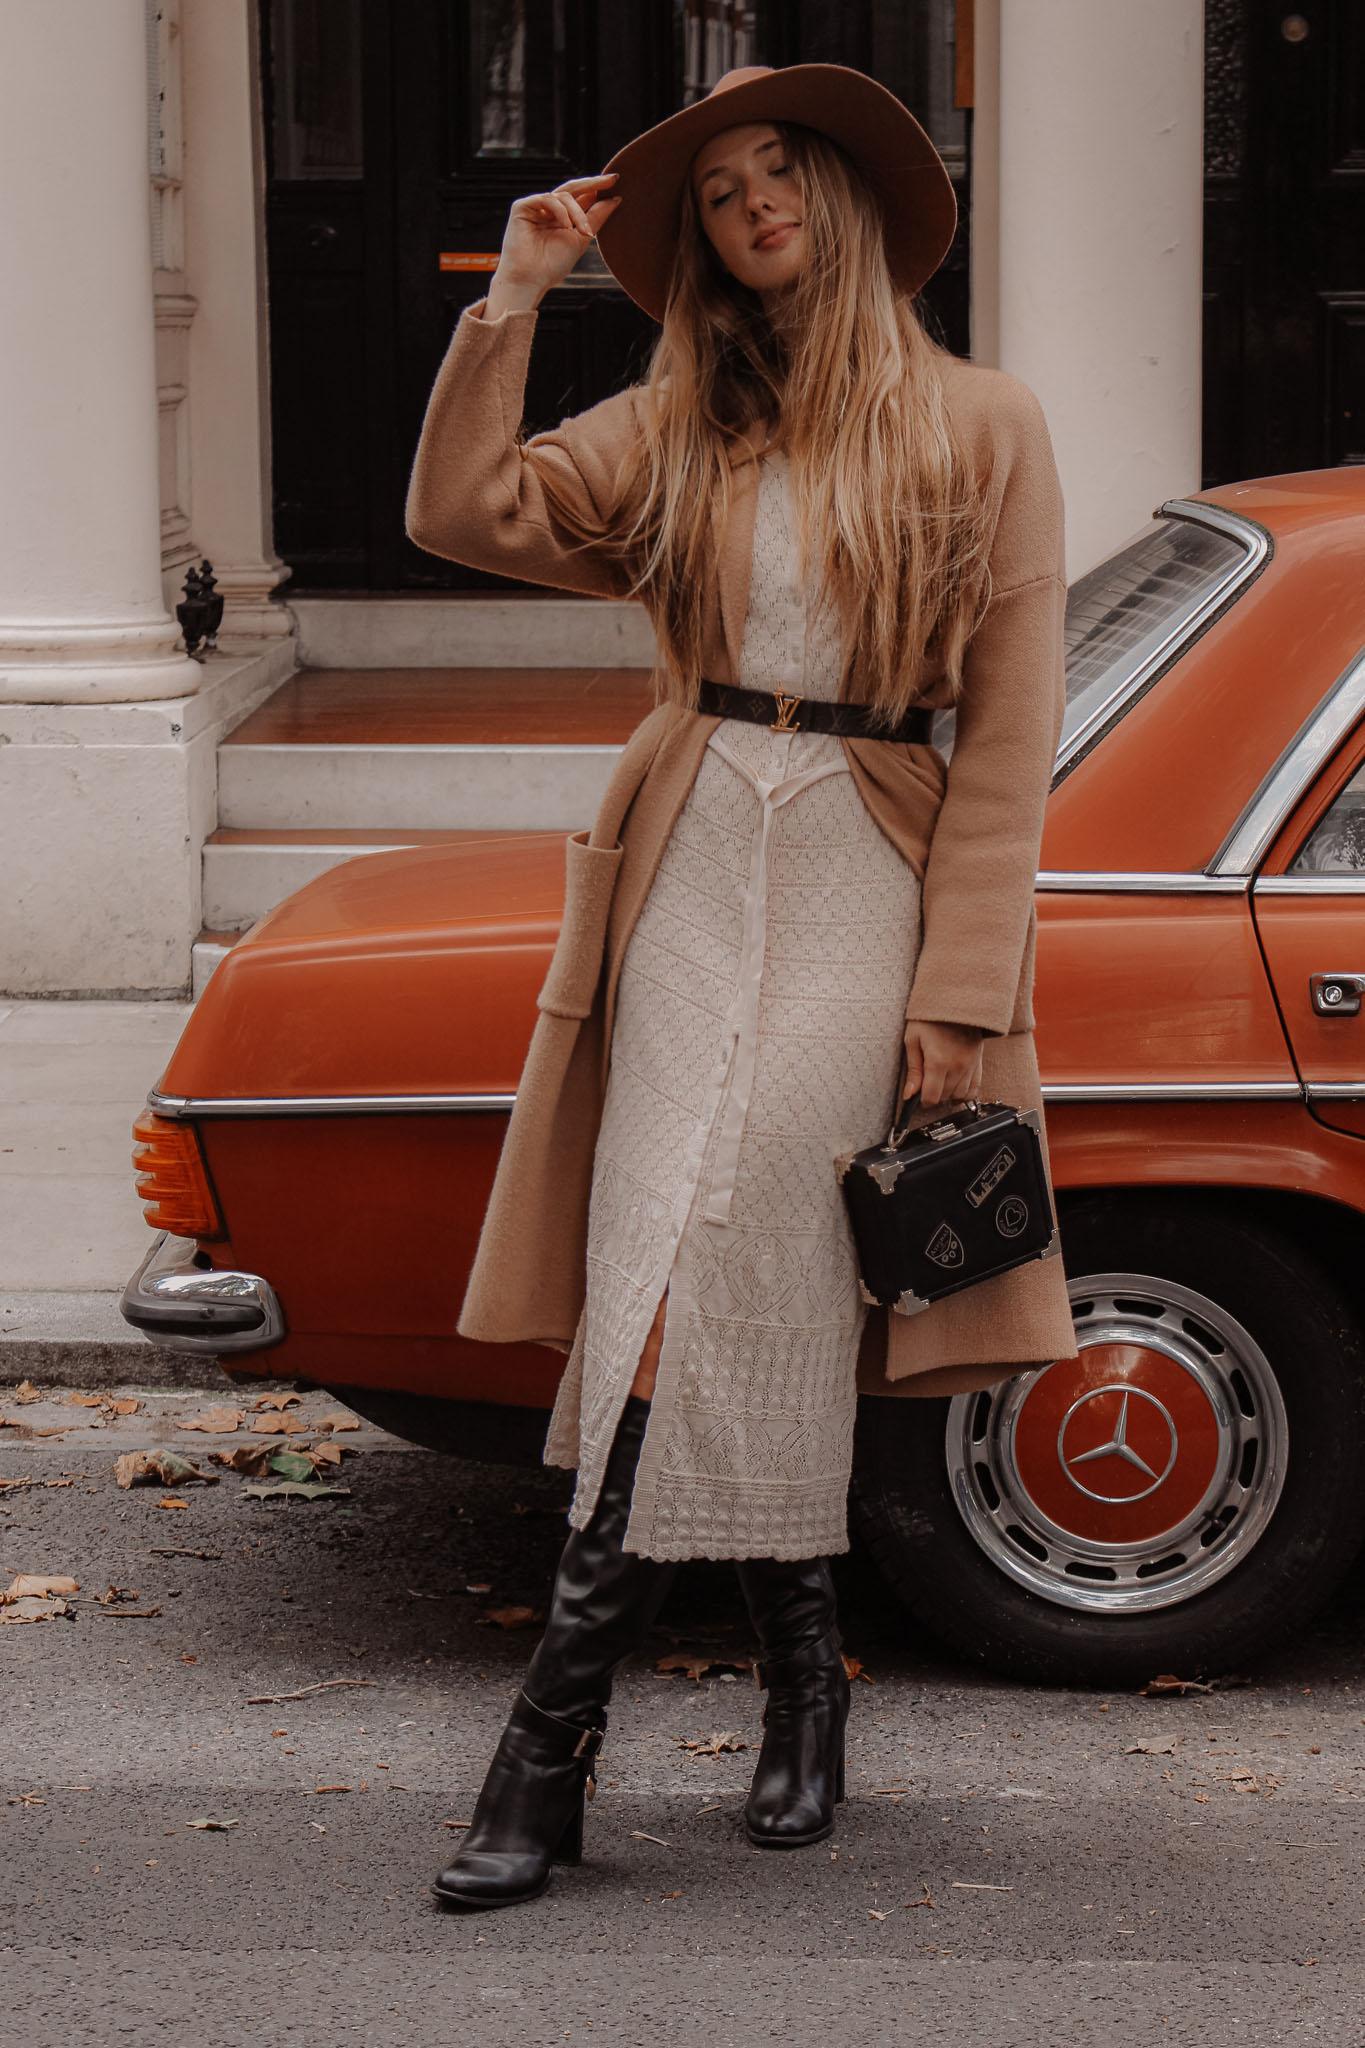 Vintage Mercedes Orange Car